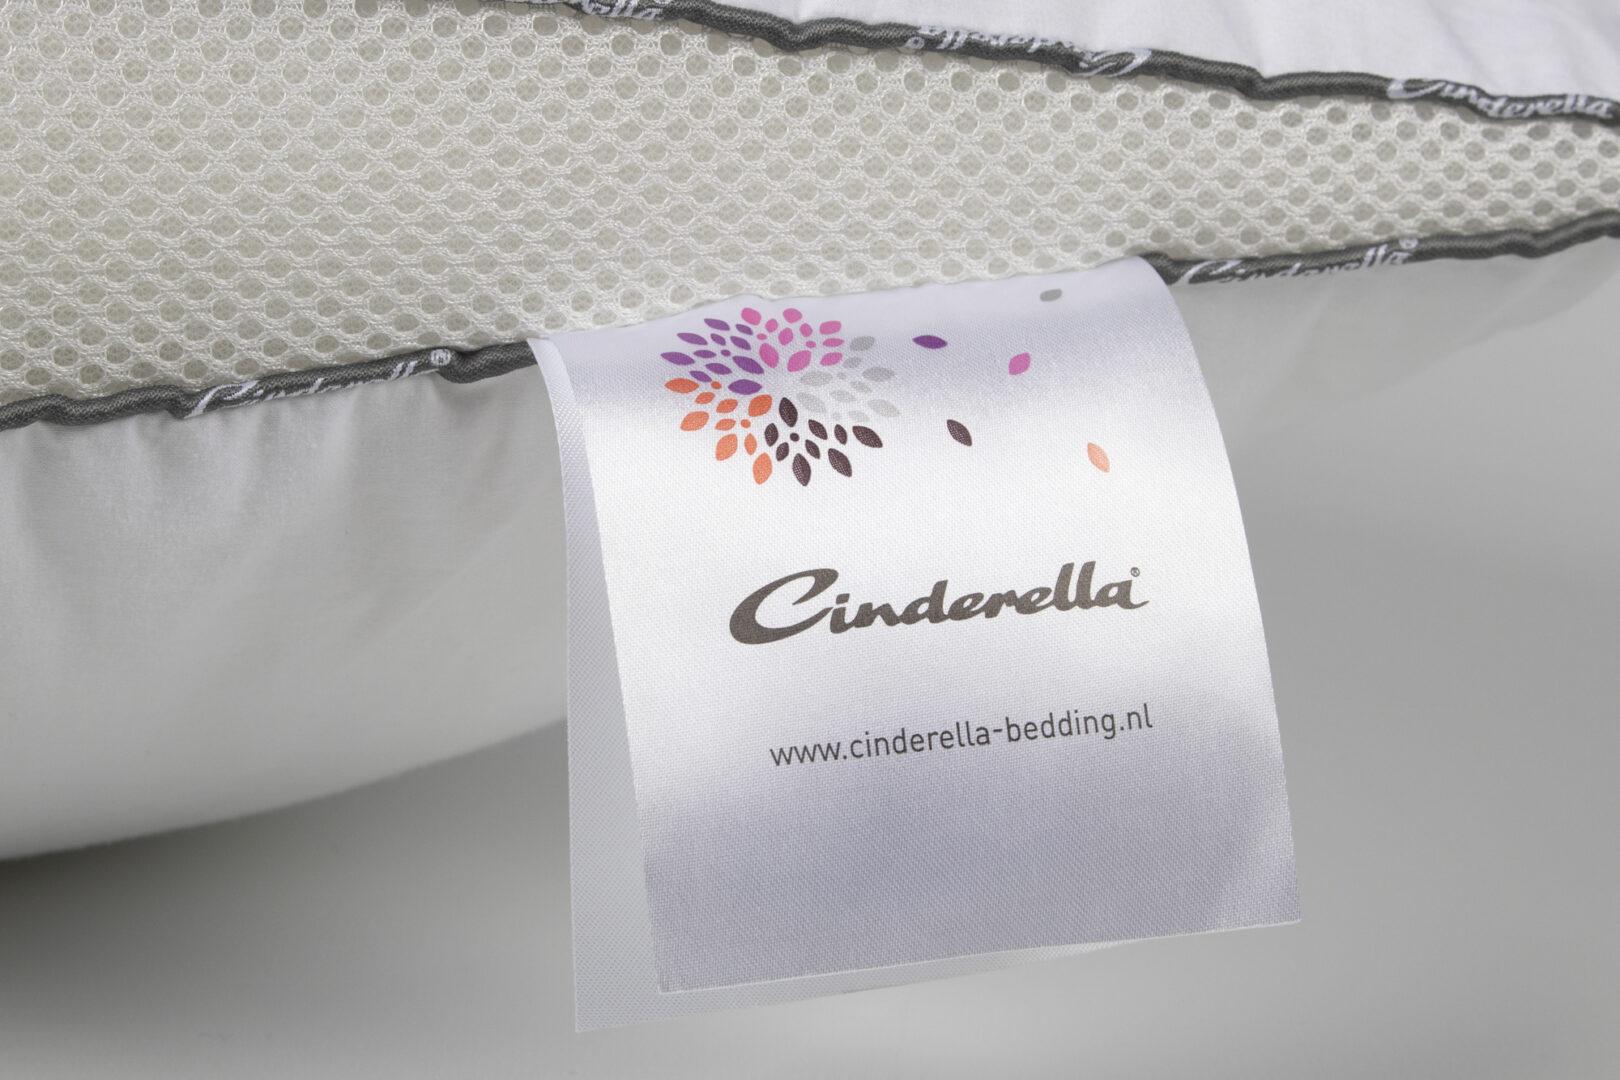 Cinderella Rondo synthetisch stevig hoofdkussen